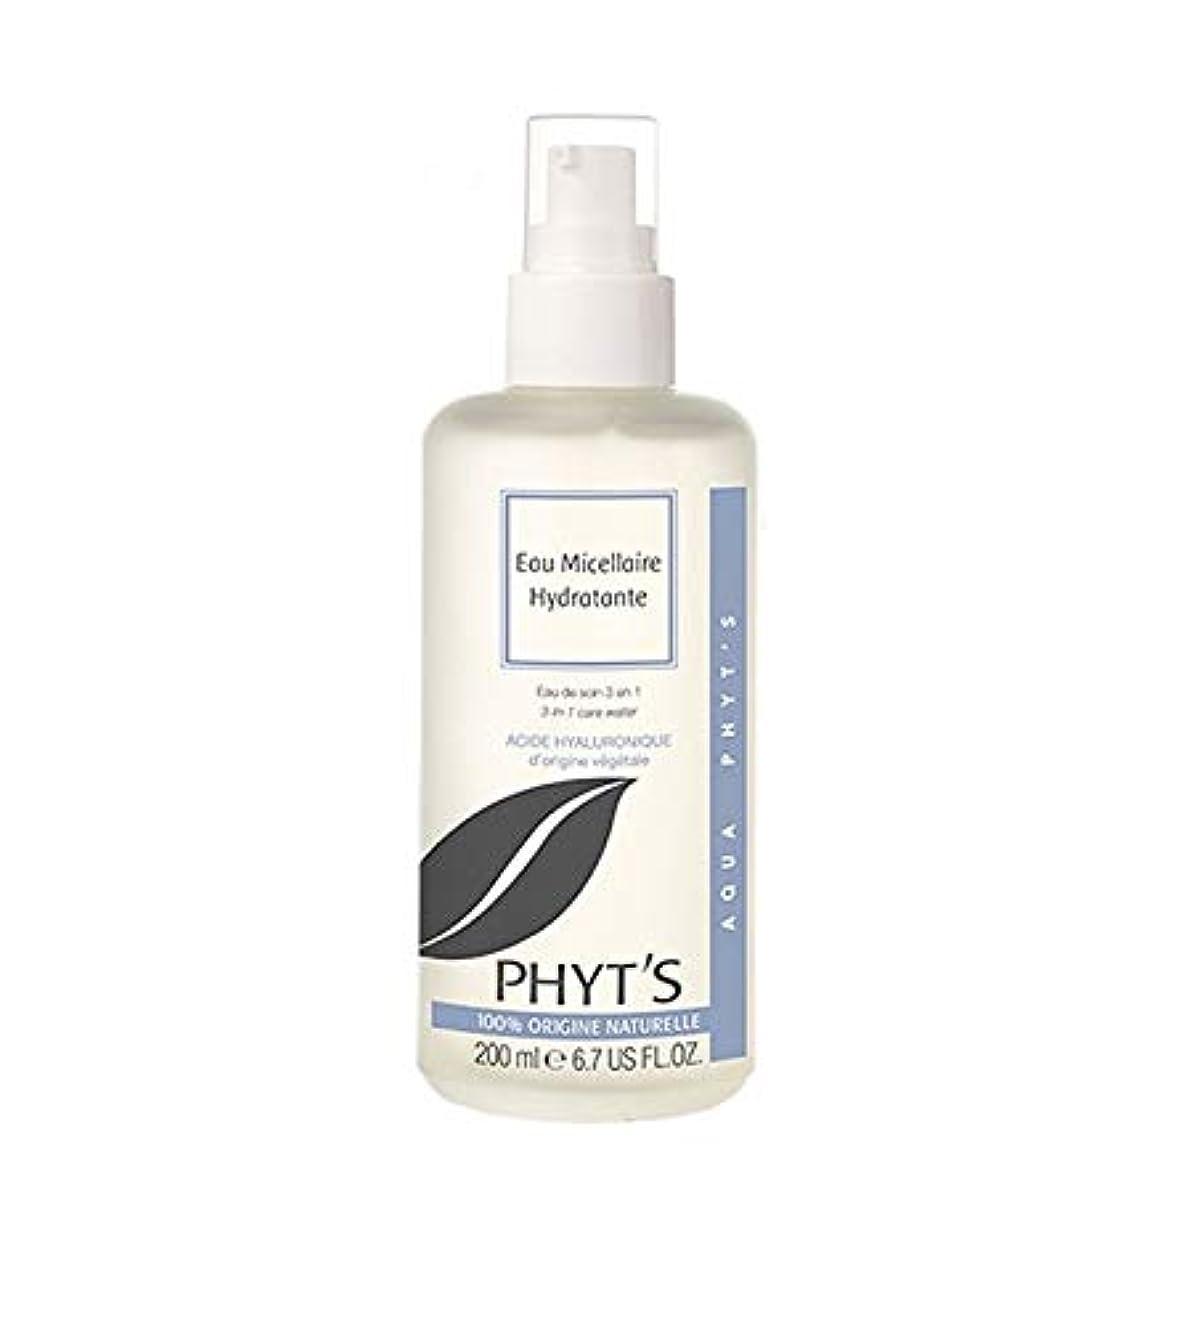 隣接カニ復活させるフィッツ PHYT'S ヒアルロン酸配合 ダマスクローズ水配合 オーガニック化粧水 ミセルローション 200ml